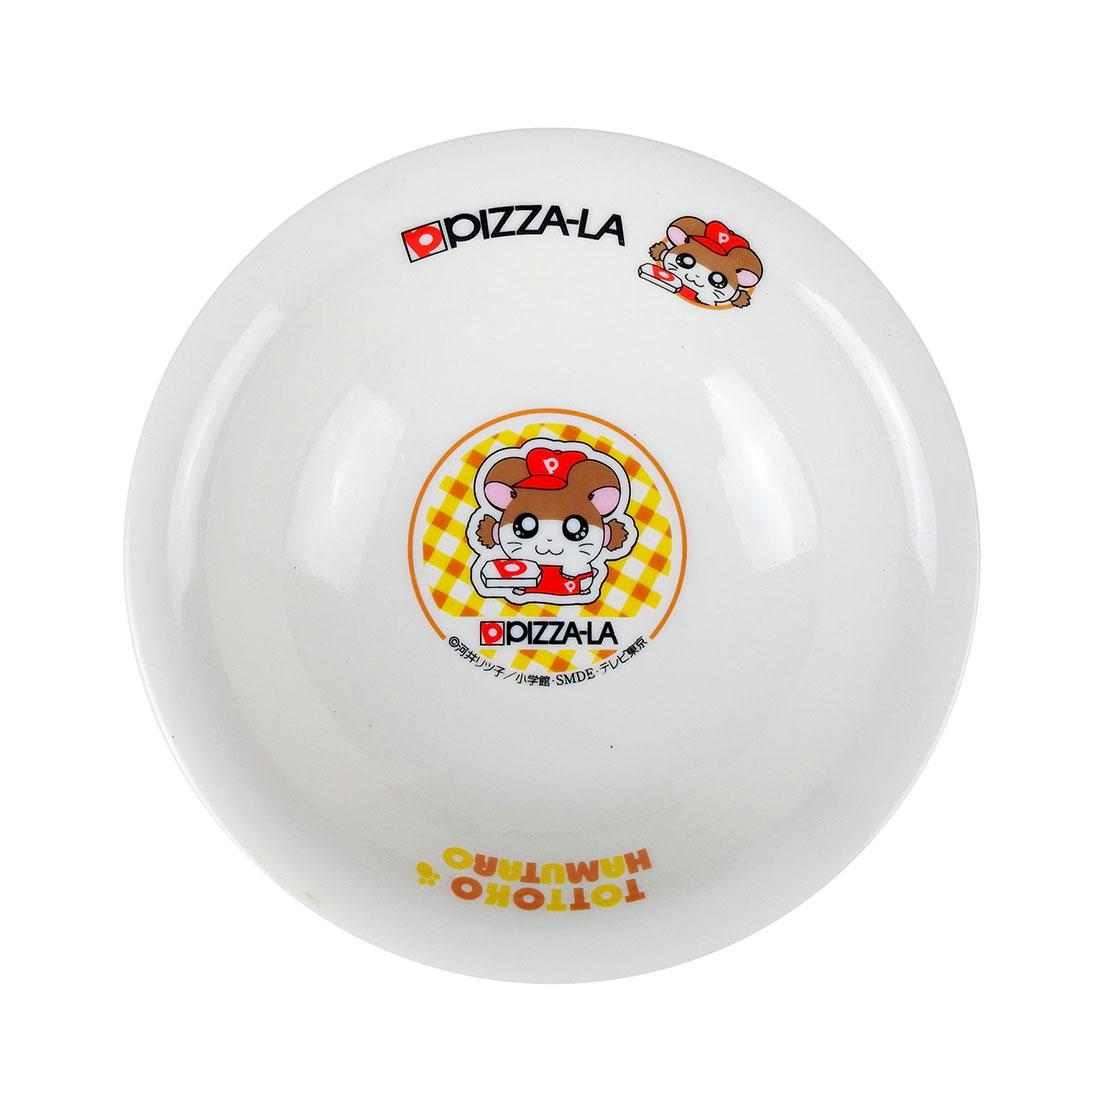 Cặp Tô Sứ Hình Mèo Pizza -La - Nhật - 16 x 4 cm - 443672